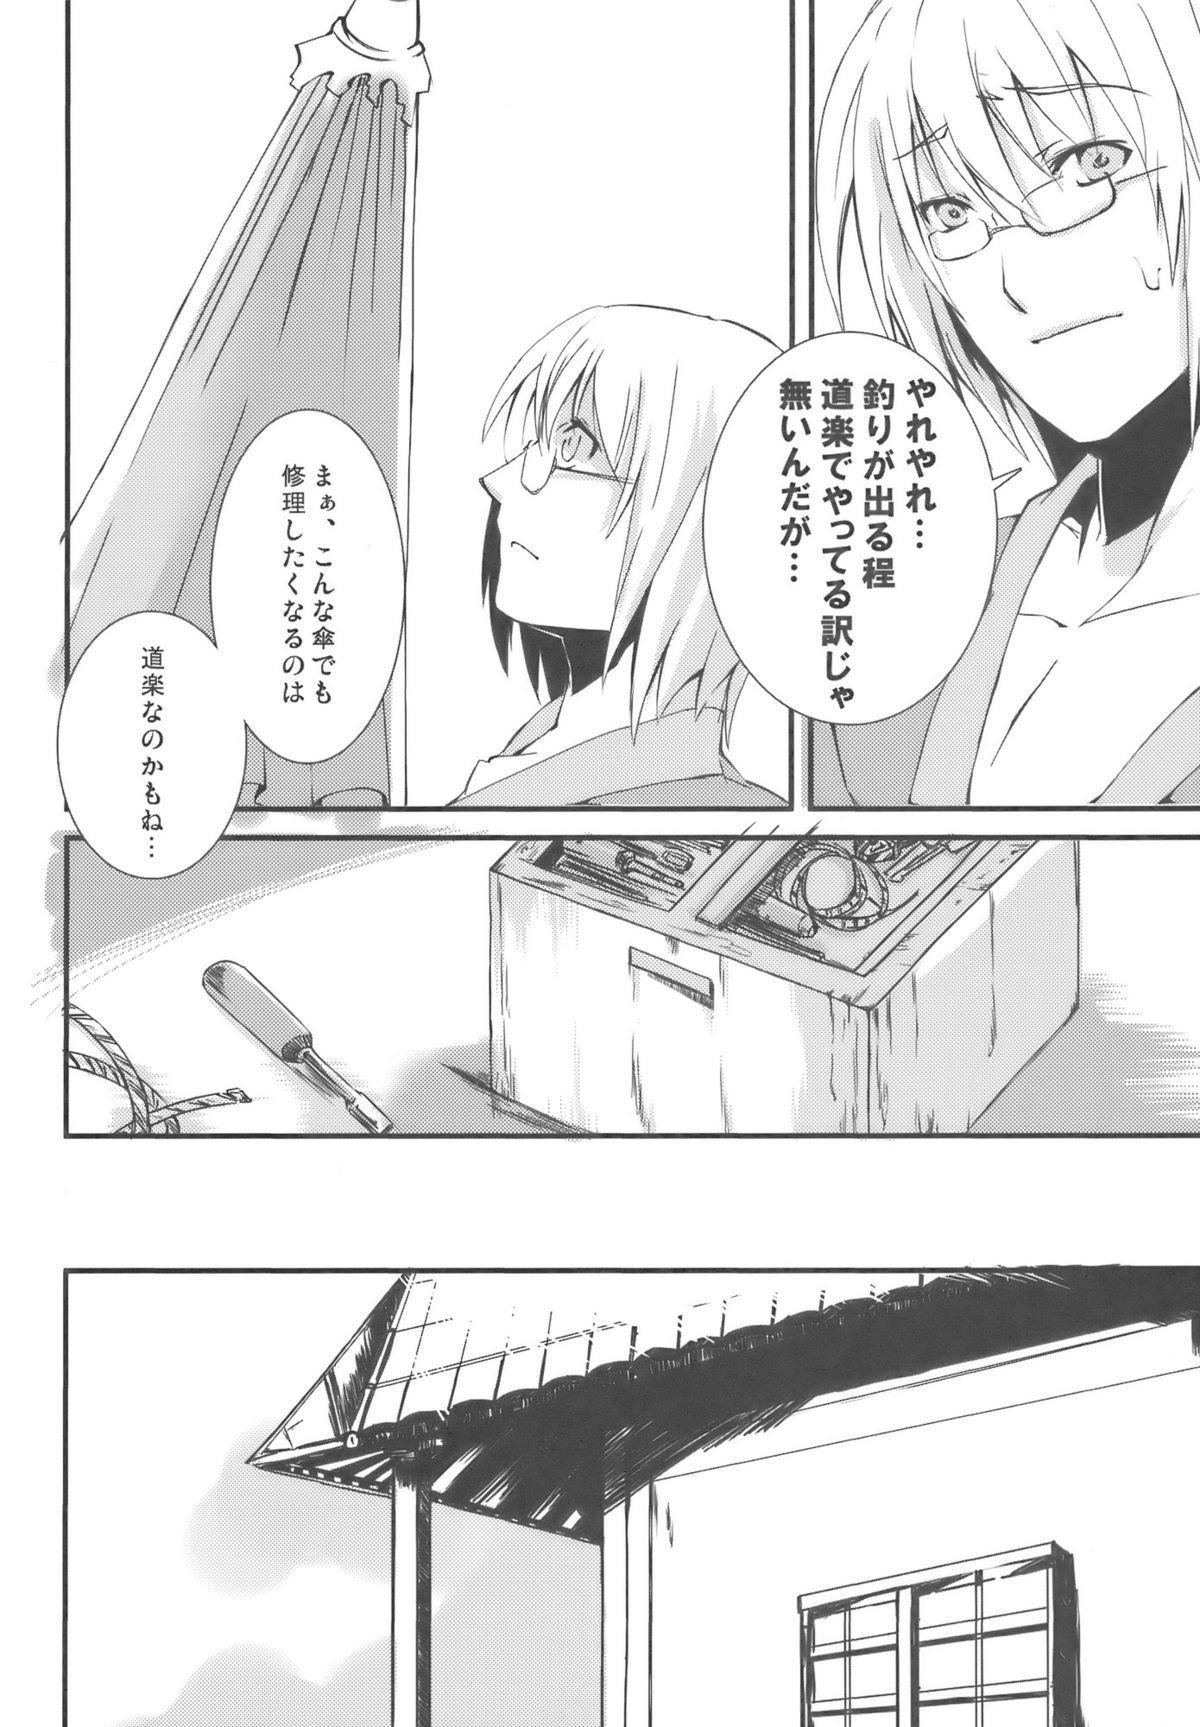 Kasa no Ongaeshi 5